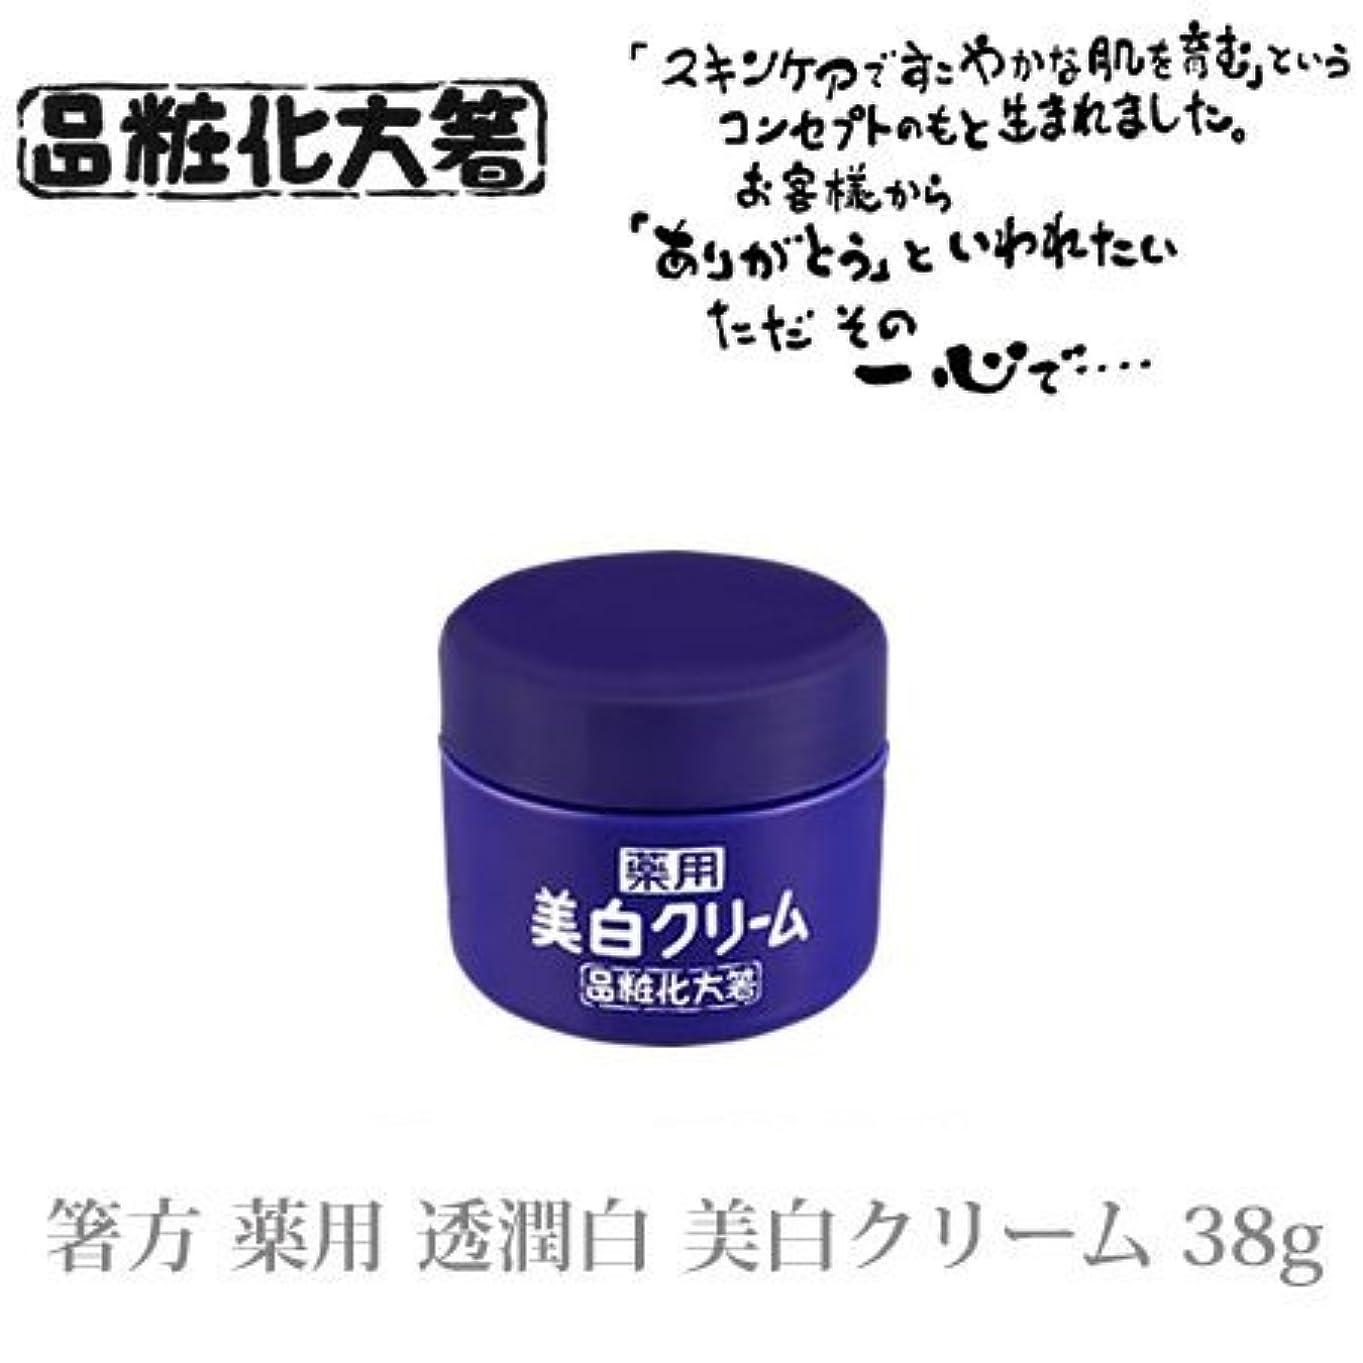 スピン注入トリップ箸方化粧品 薬用 透潤白 美白クリーム 38g はしかた化粧品